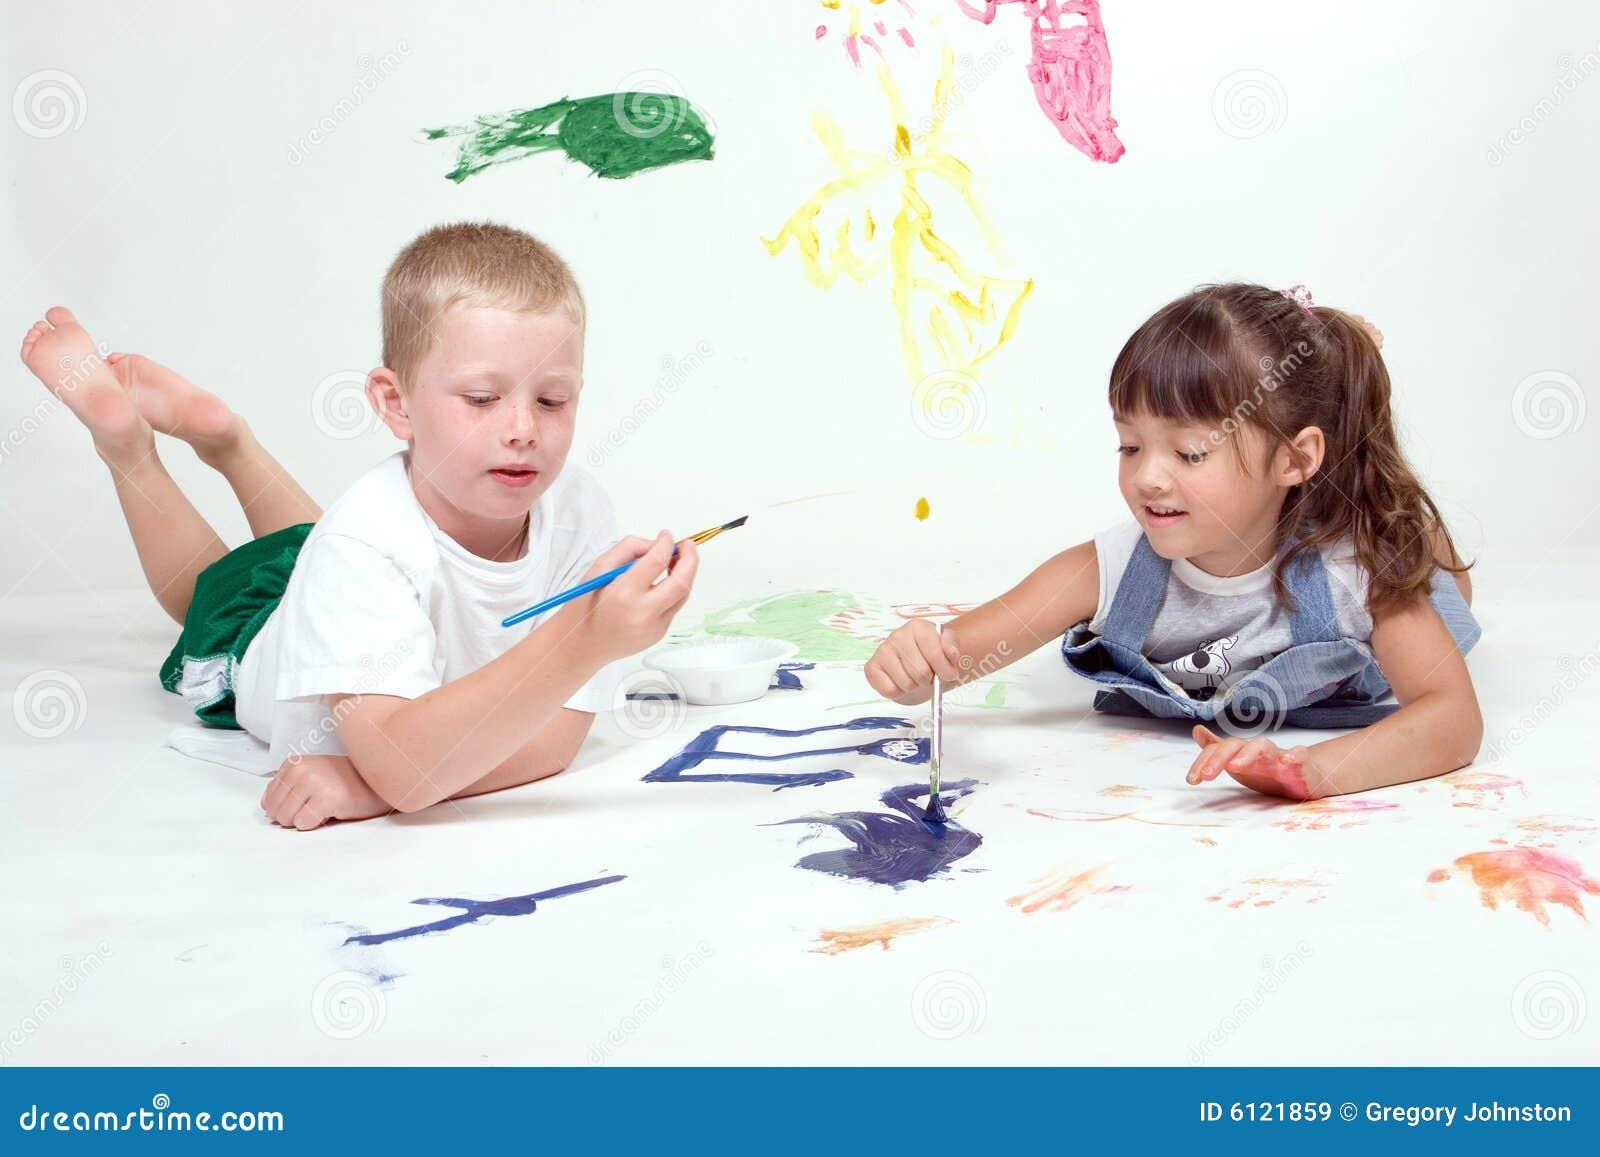 Deux gosses sont des illustrations de peinture.